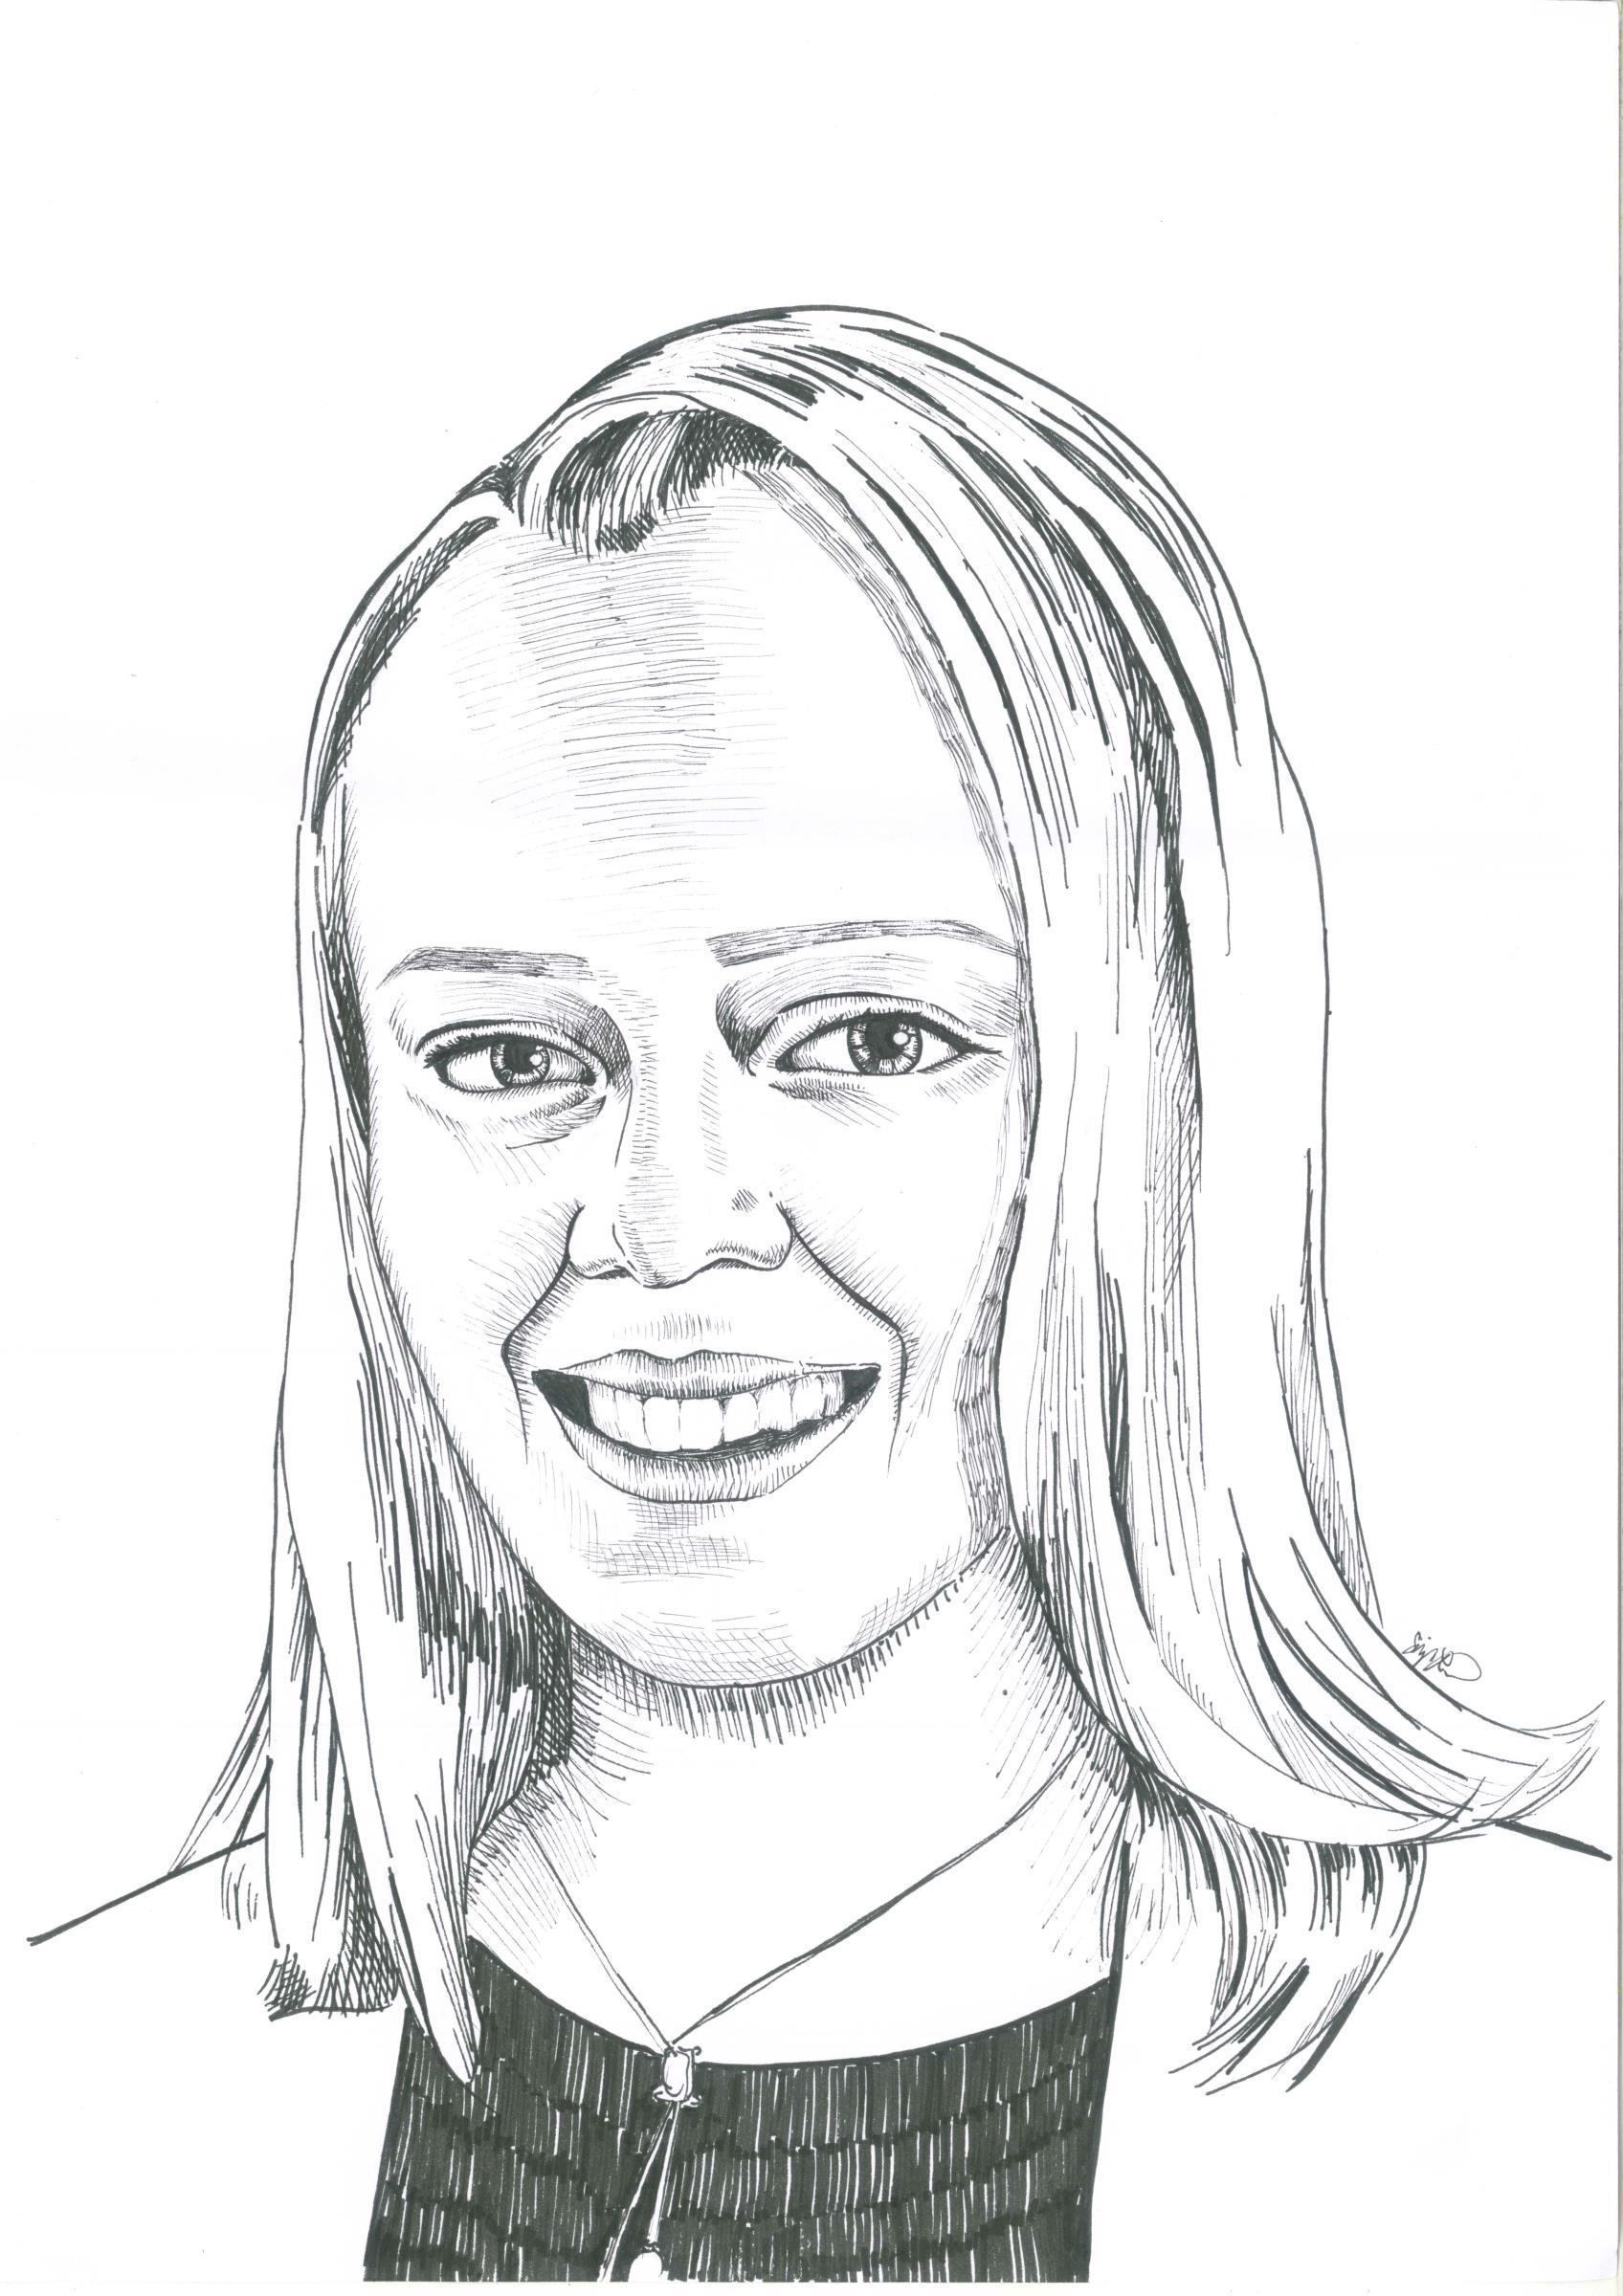 Cheryl Zogg